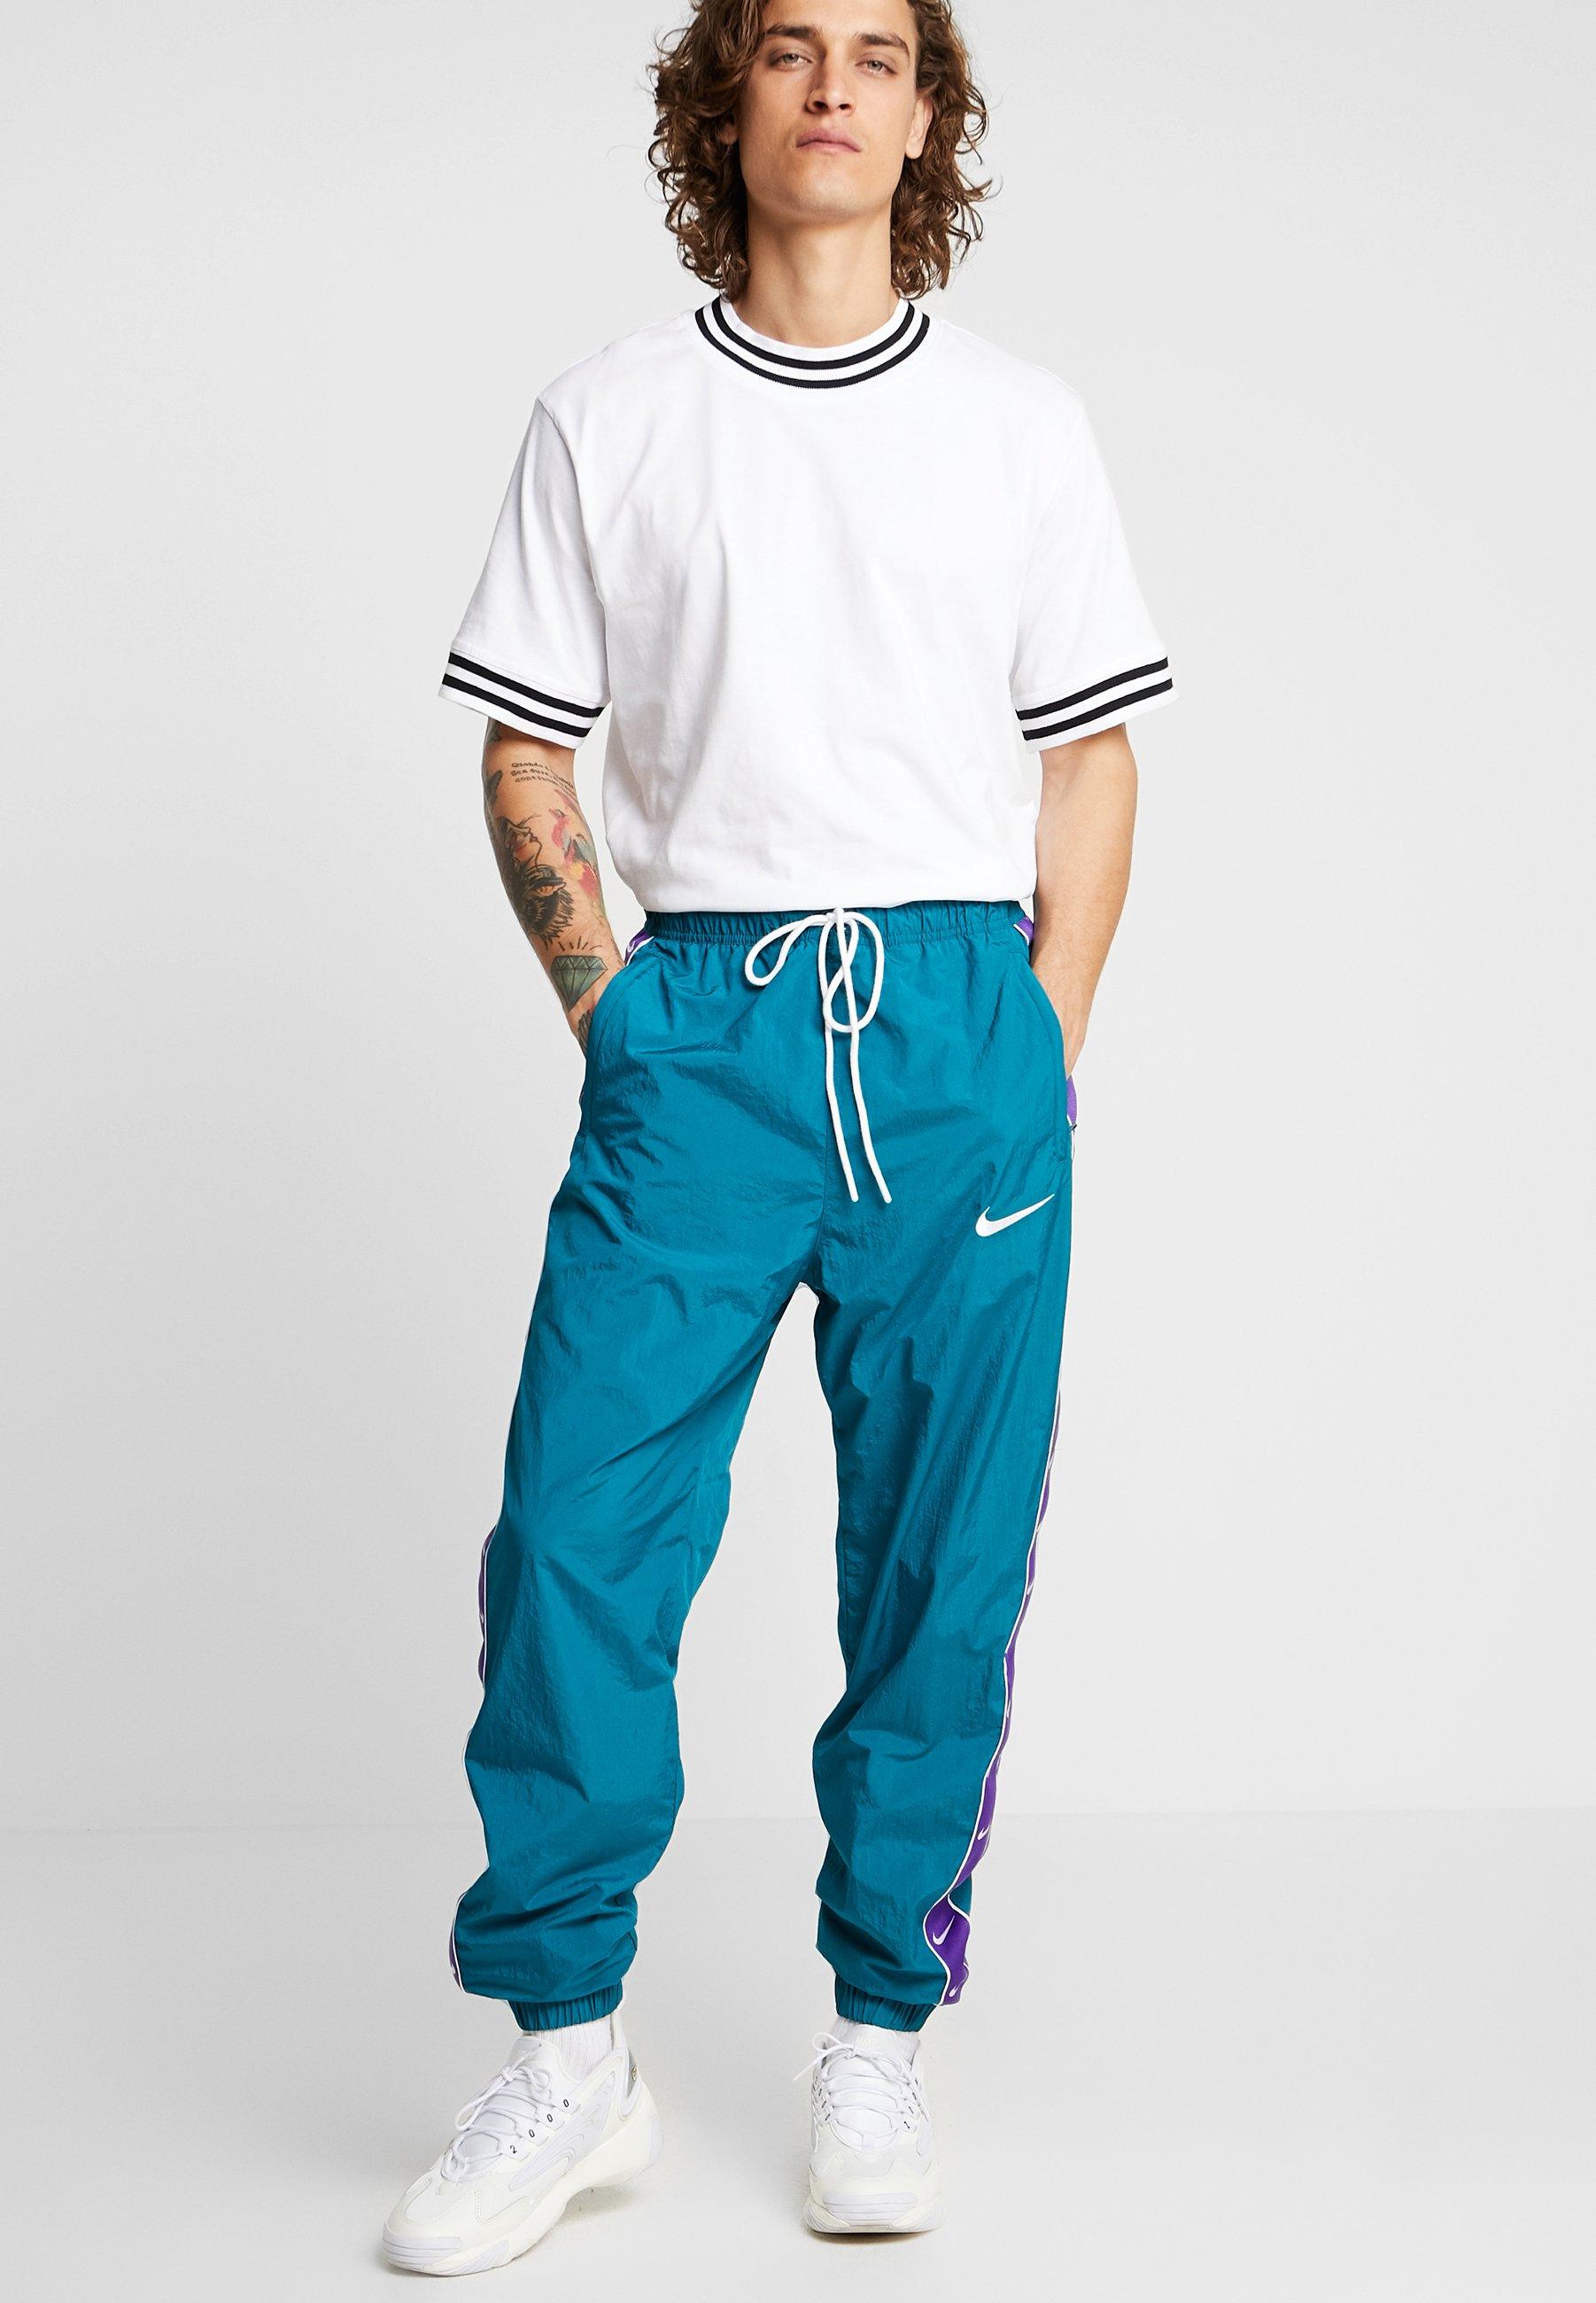 Purple Sportswear court white Nike Survêtement Teal PantPantalon De Geode mnv80Nw